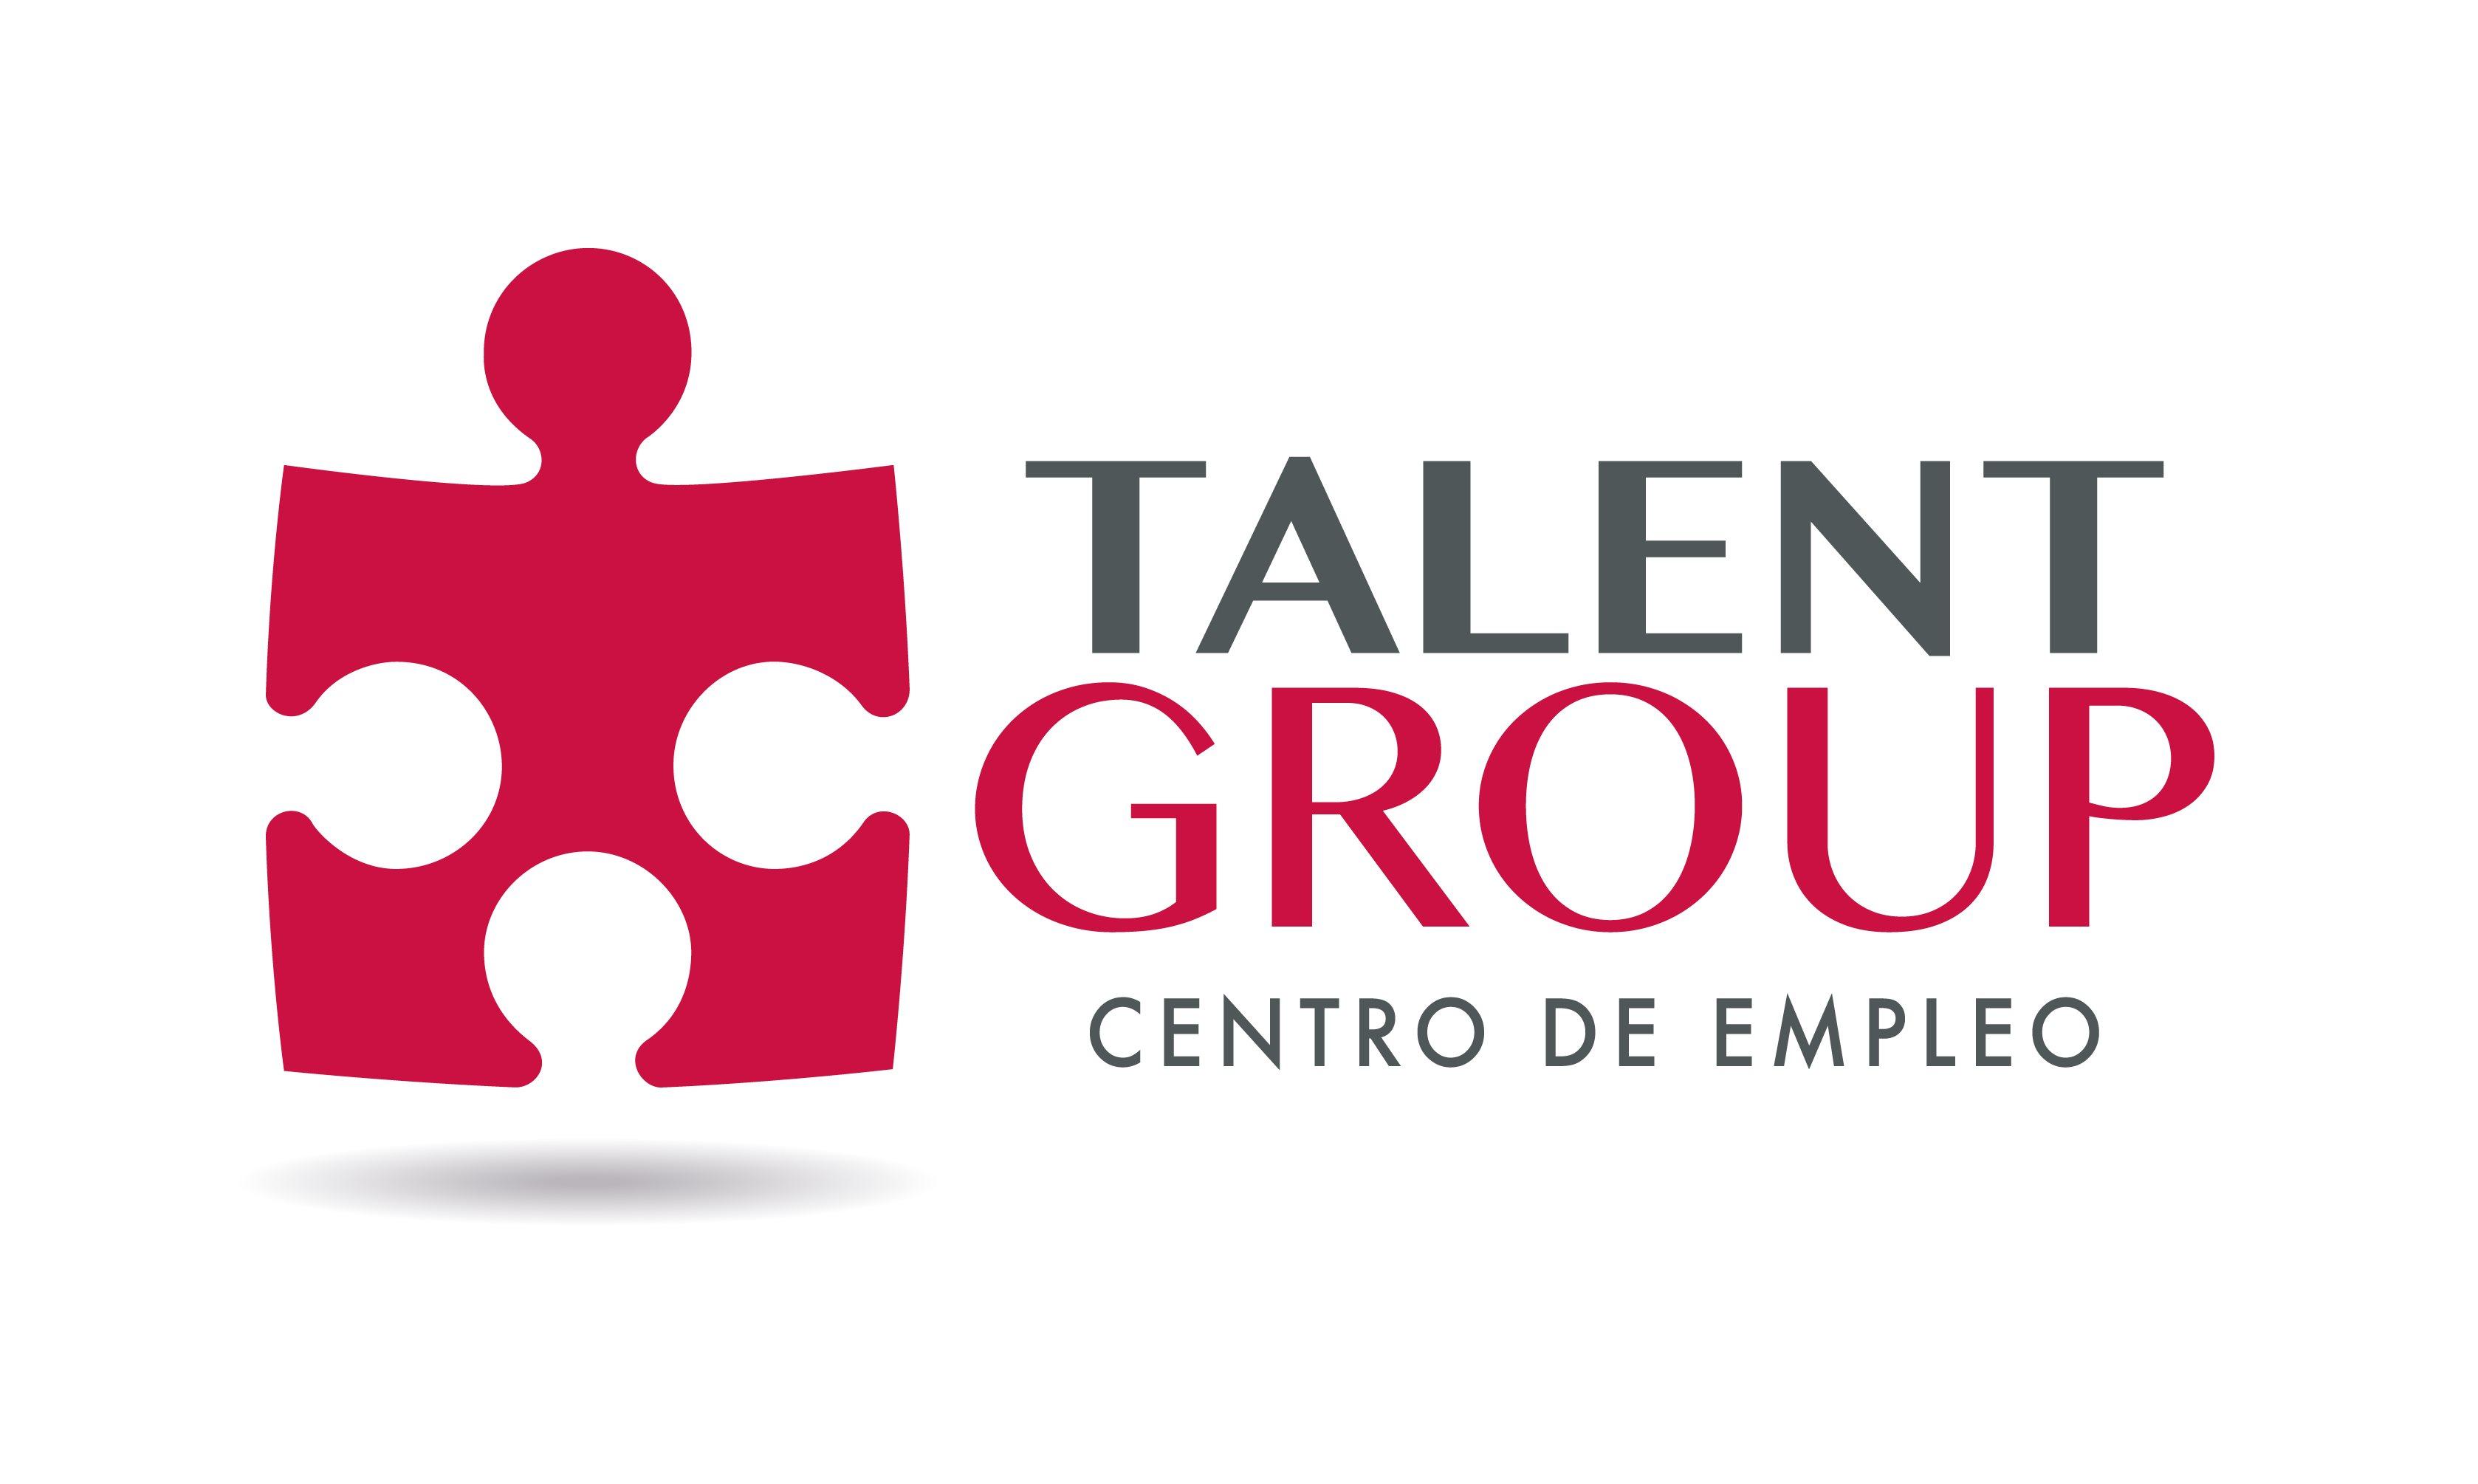 TALENT GROUP CENTRO DE EMPLEO S.A.S.